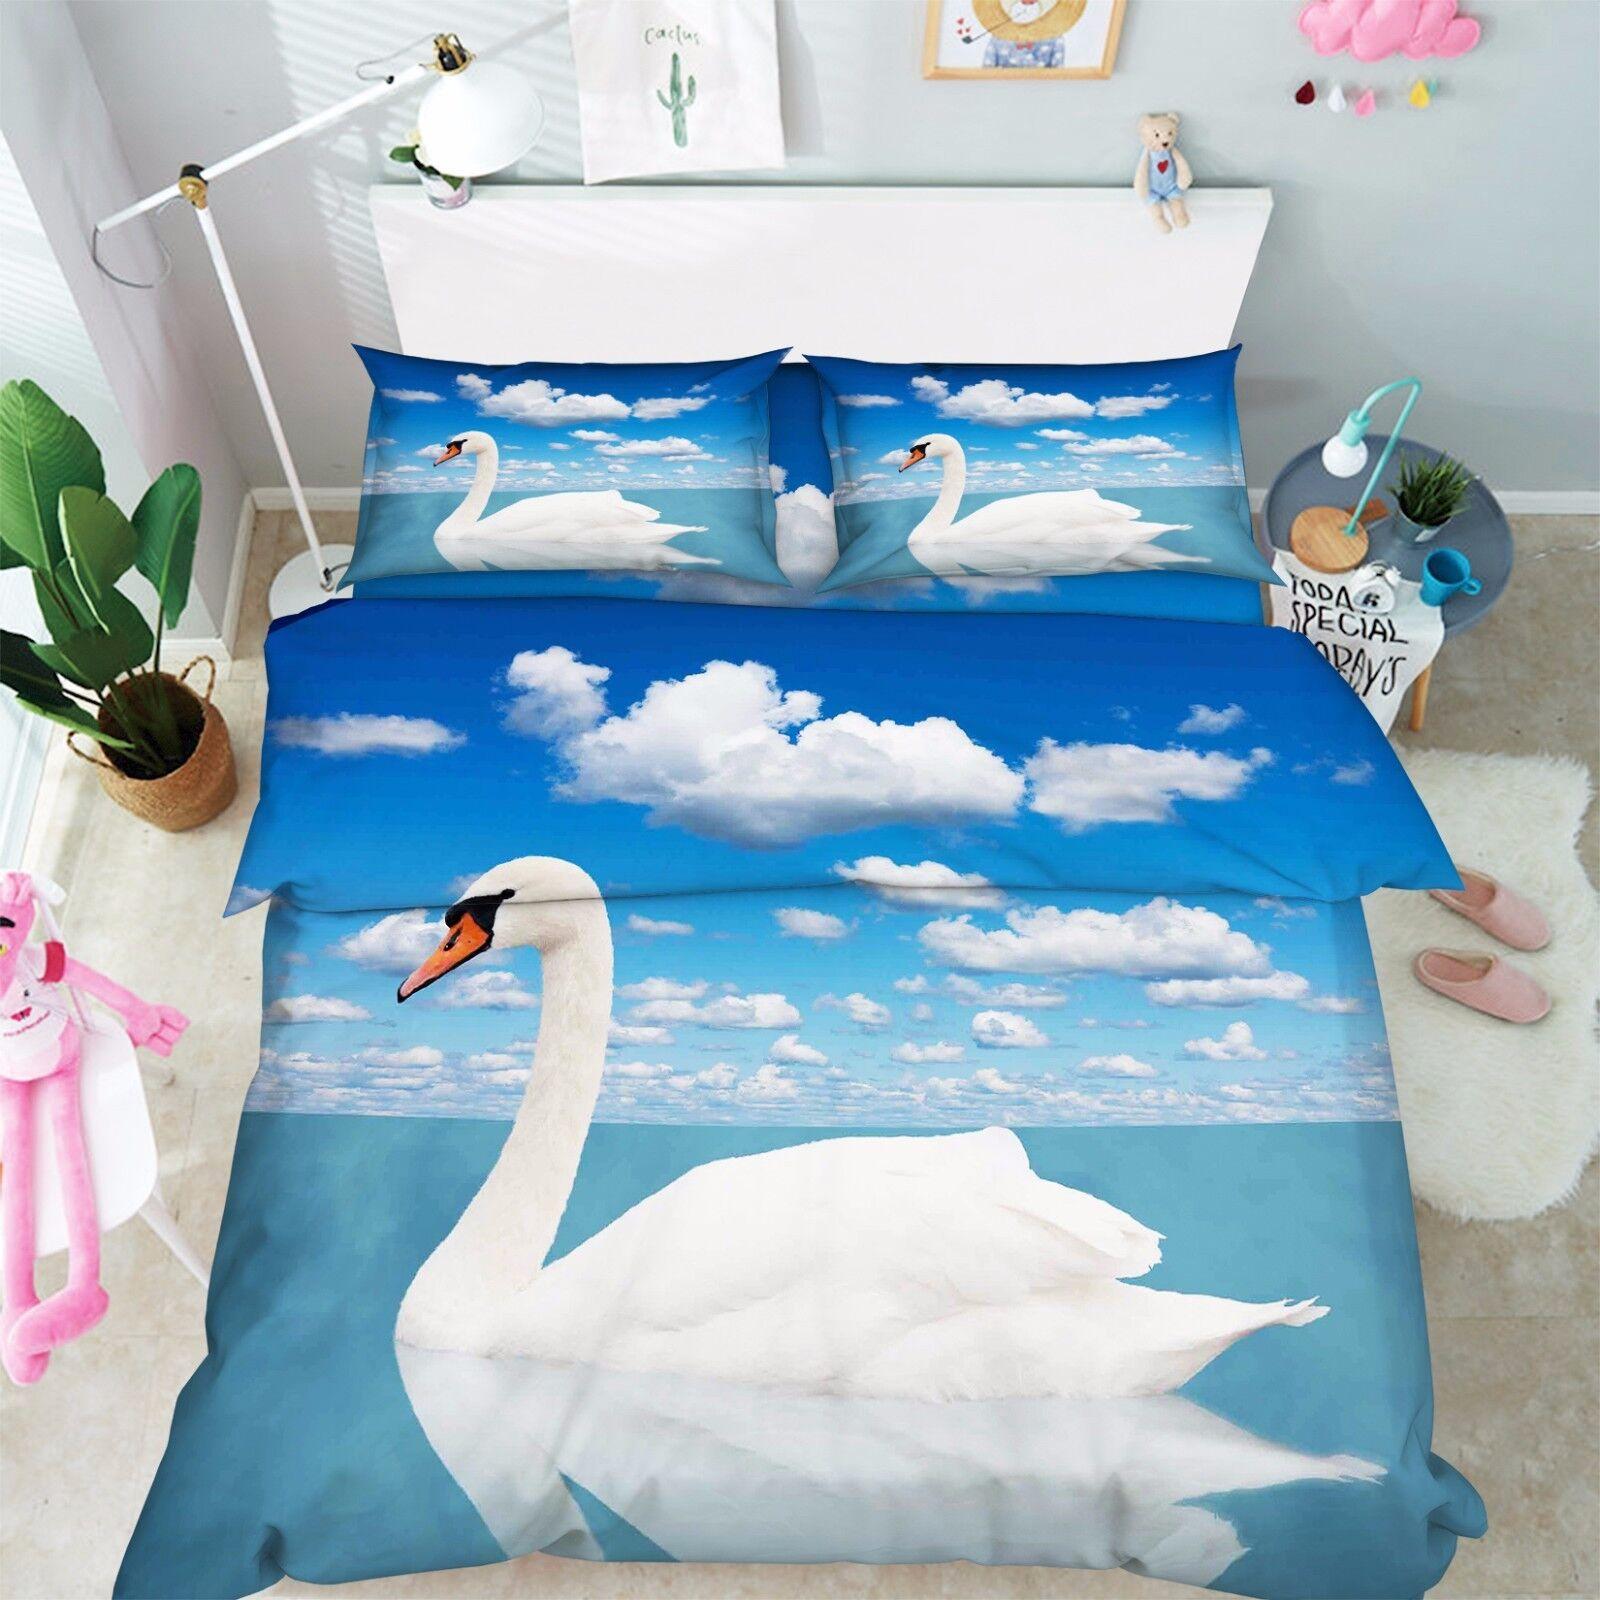 3D bianca Swan 6 Bed Pillowcases Quilt Duvet Cover Set Single Queen King AU Lemon